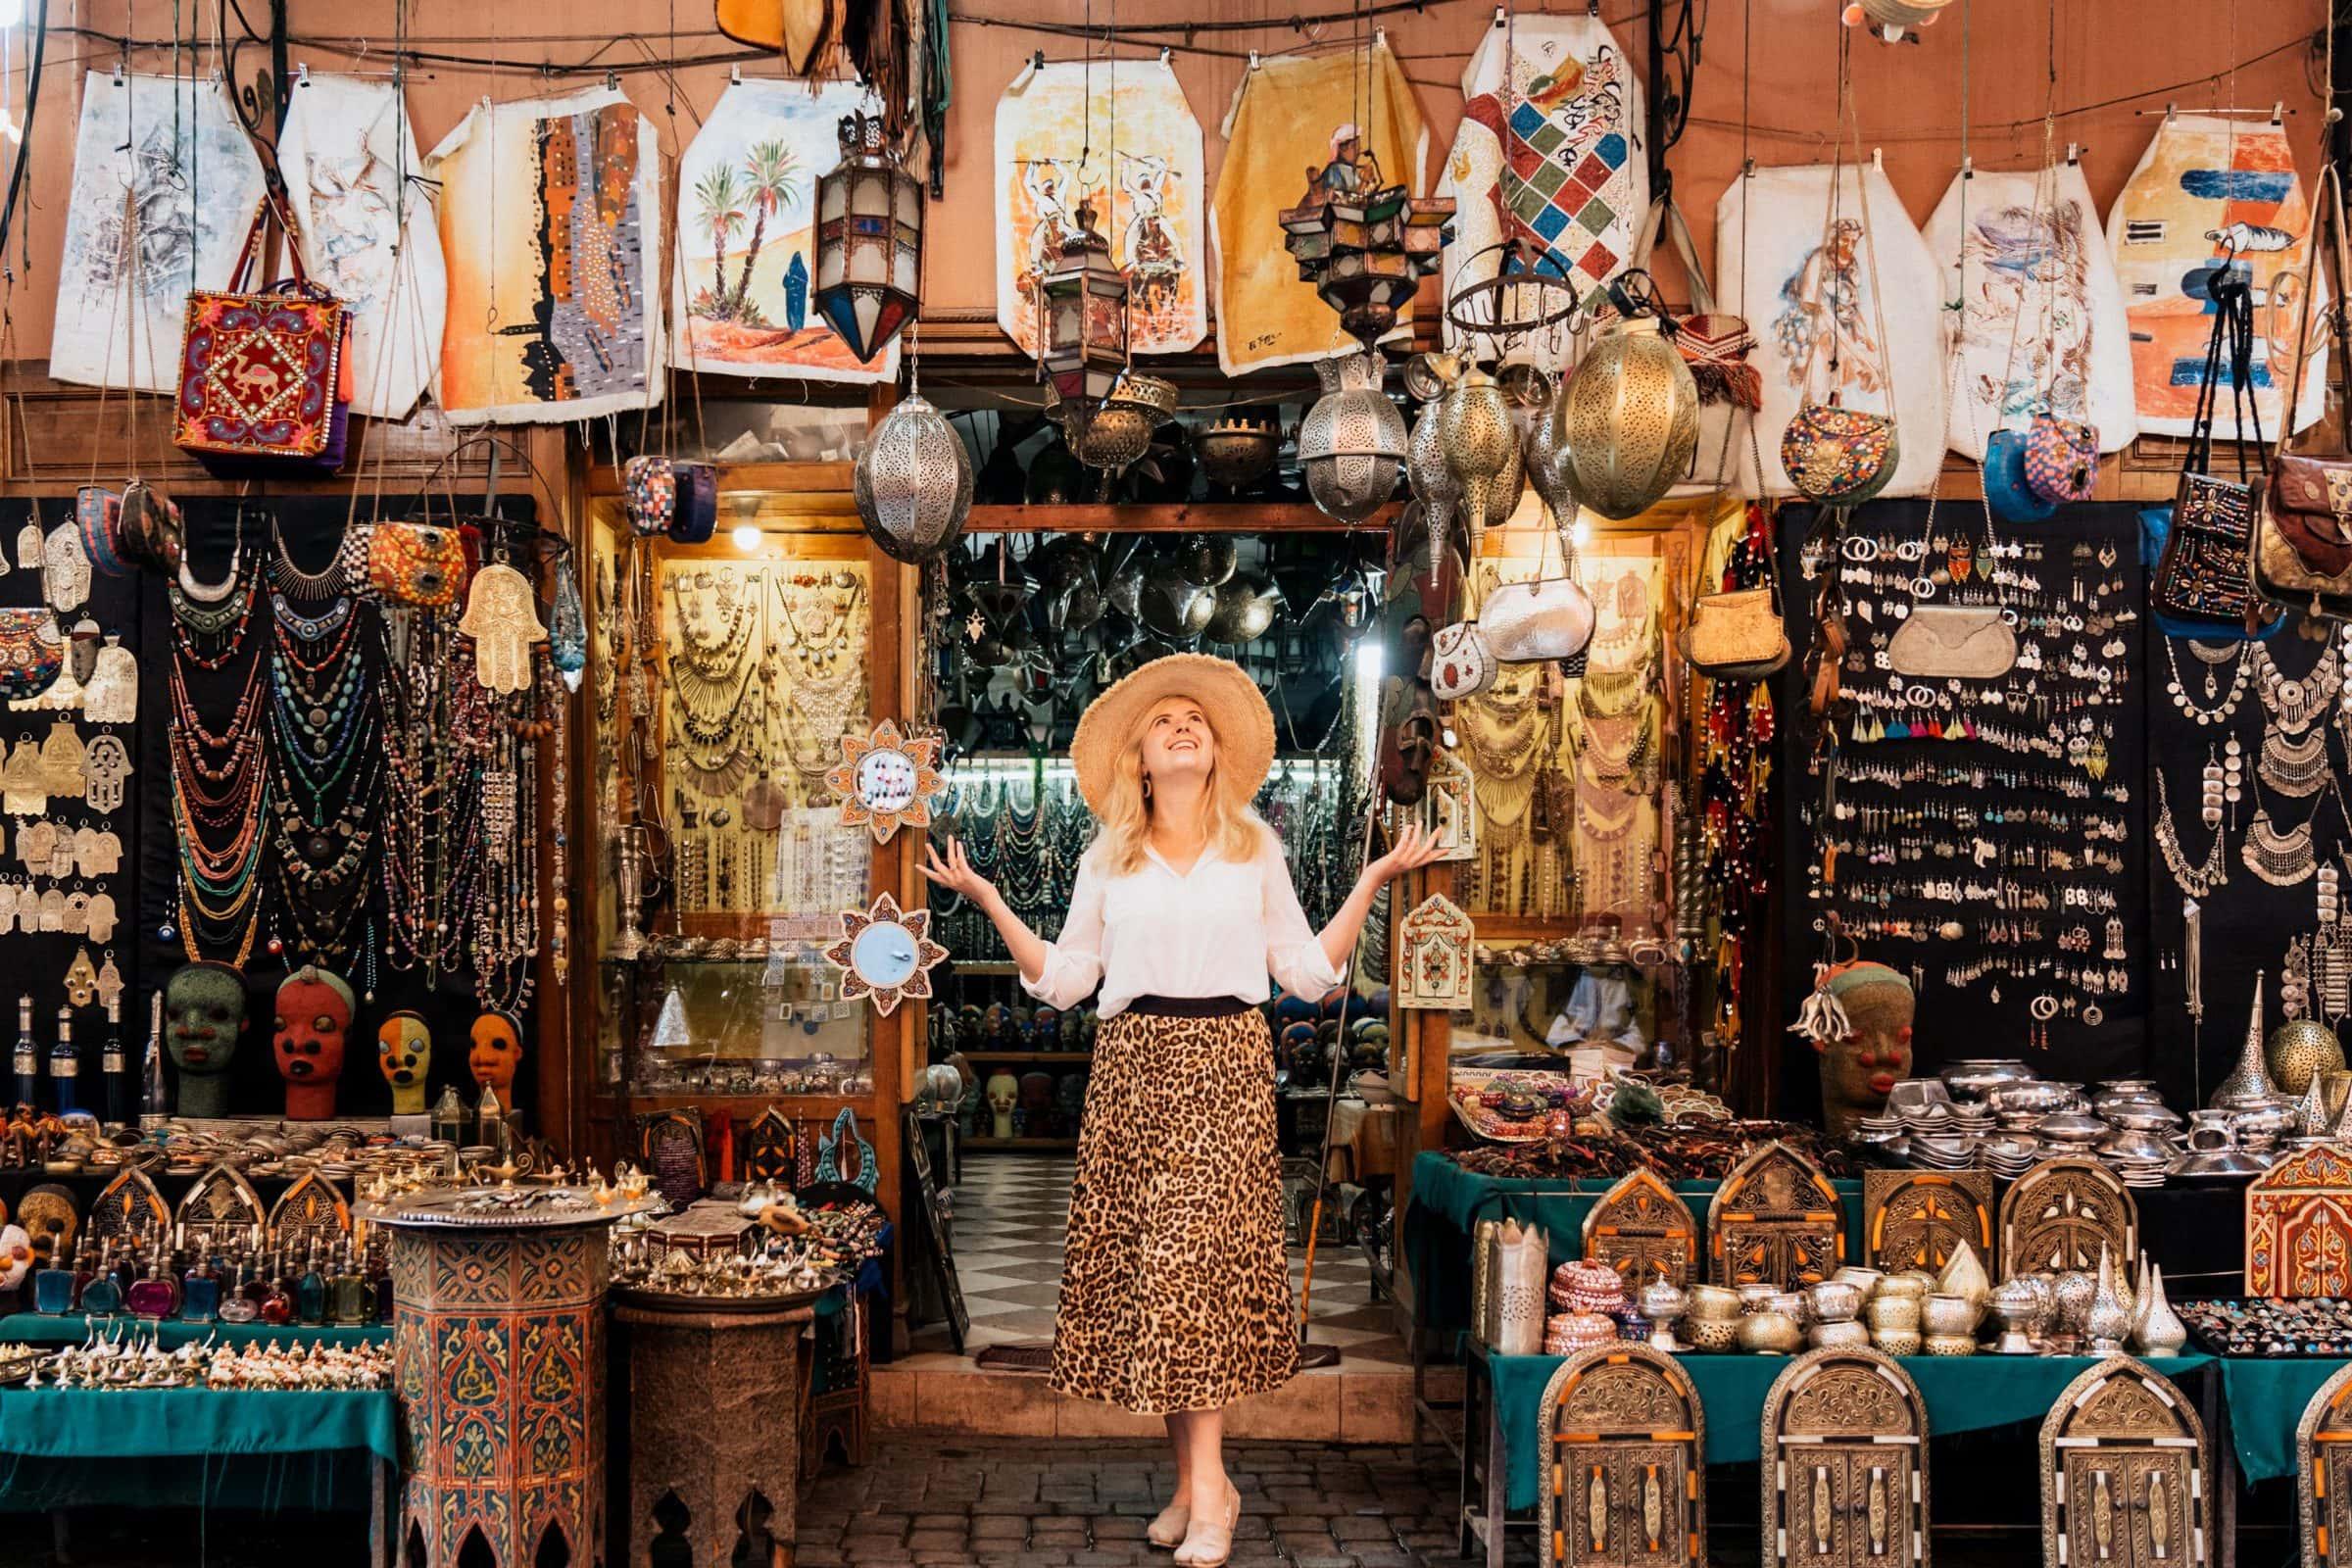 Bill Marrakech 15 scaled - Alleen naar Marrakech: hoe is solo reizen als vrouw in Marokko? (+ tips!)